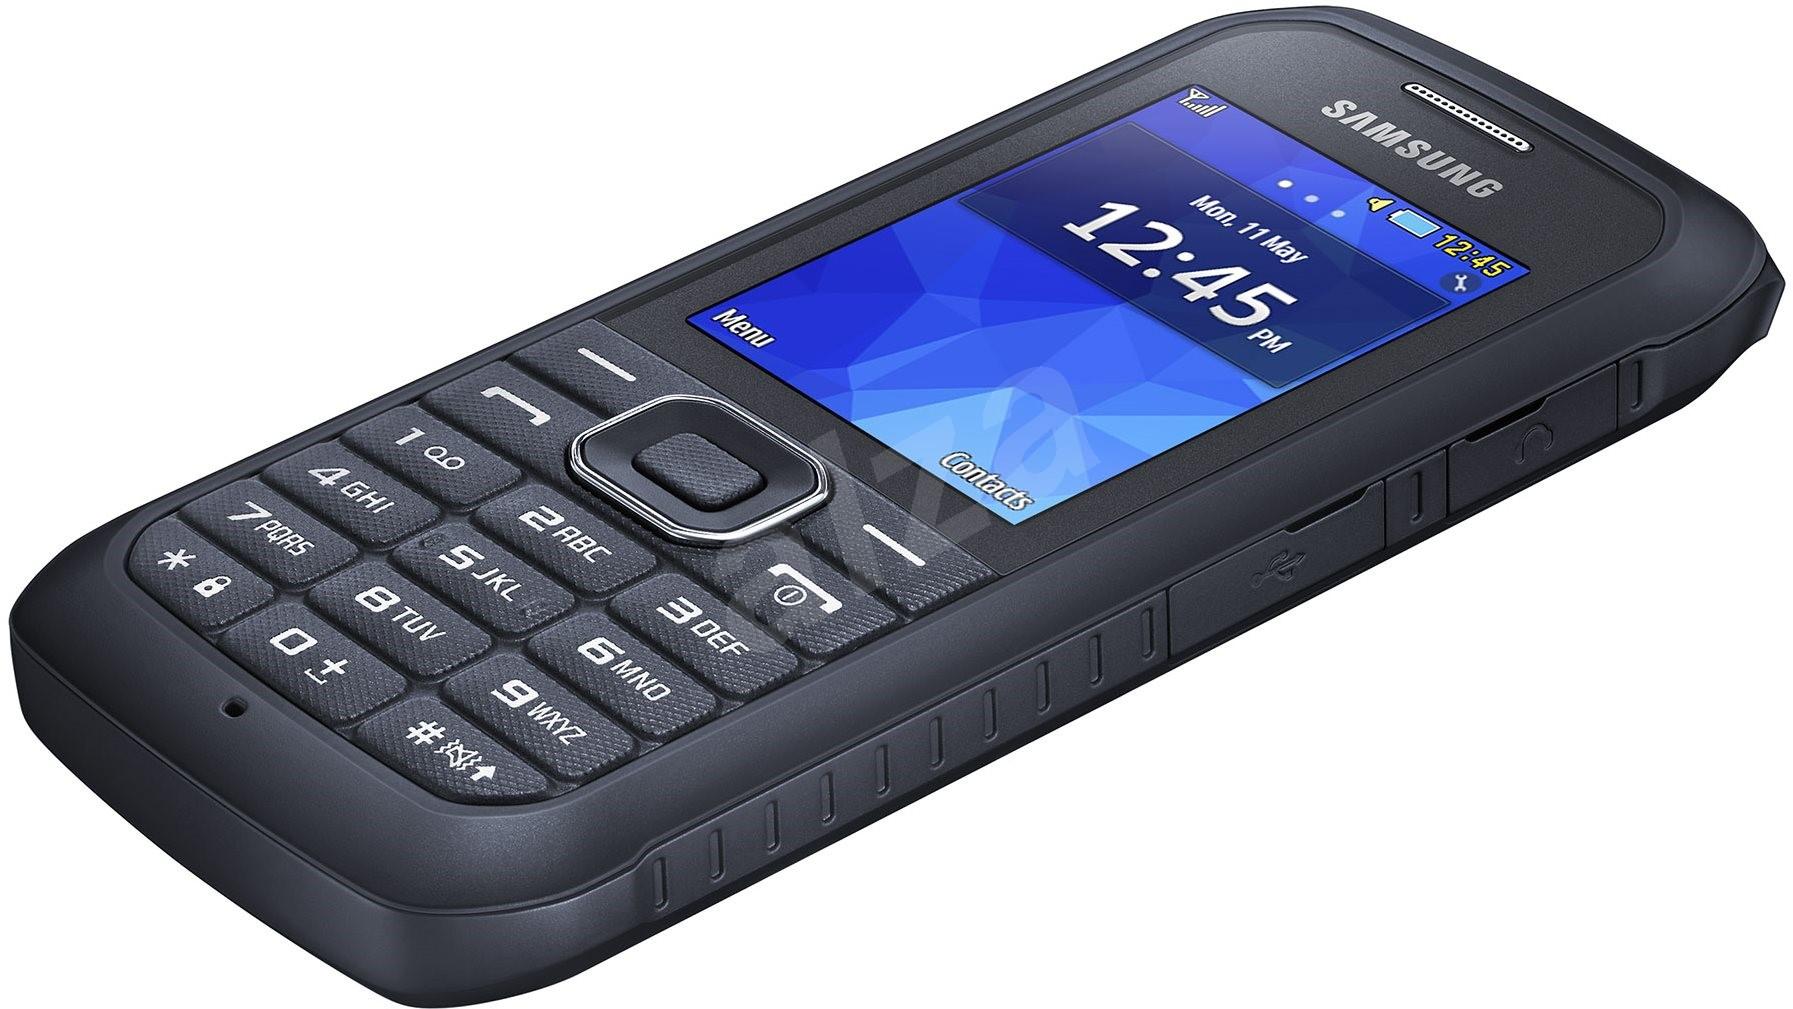 Visvienkāršākie mobilie telefoni ImgW